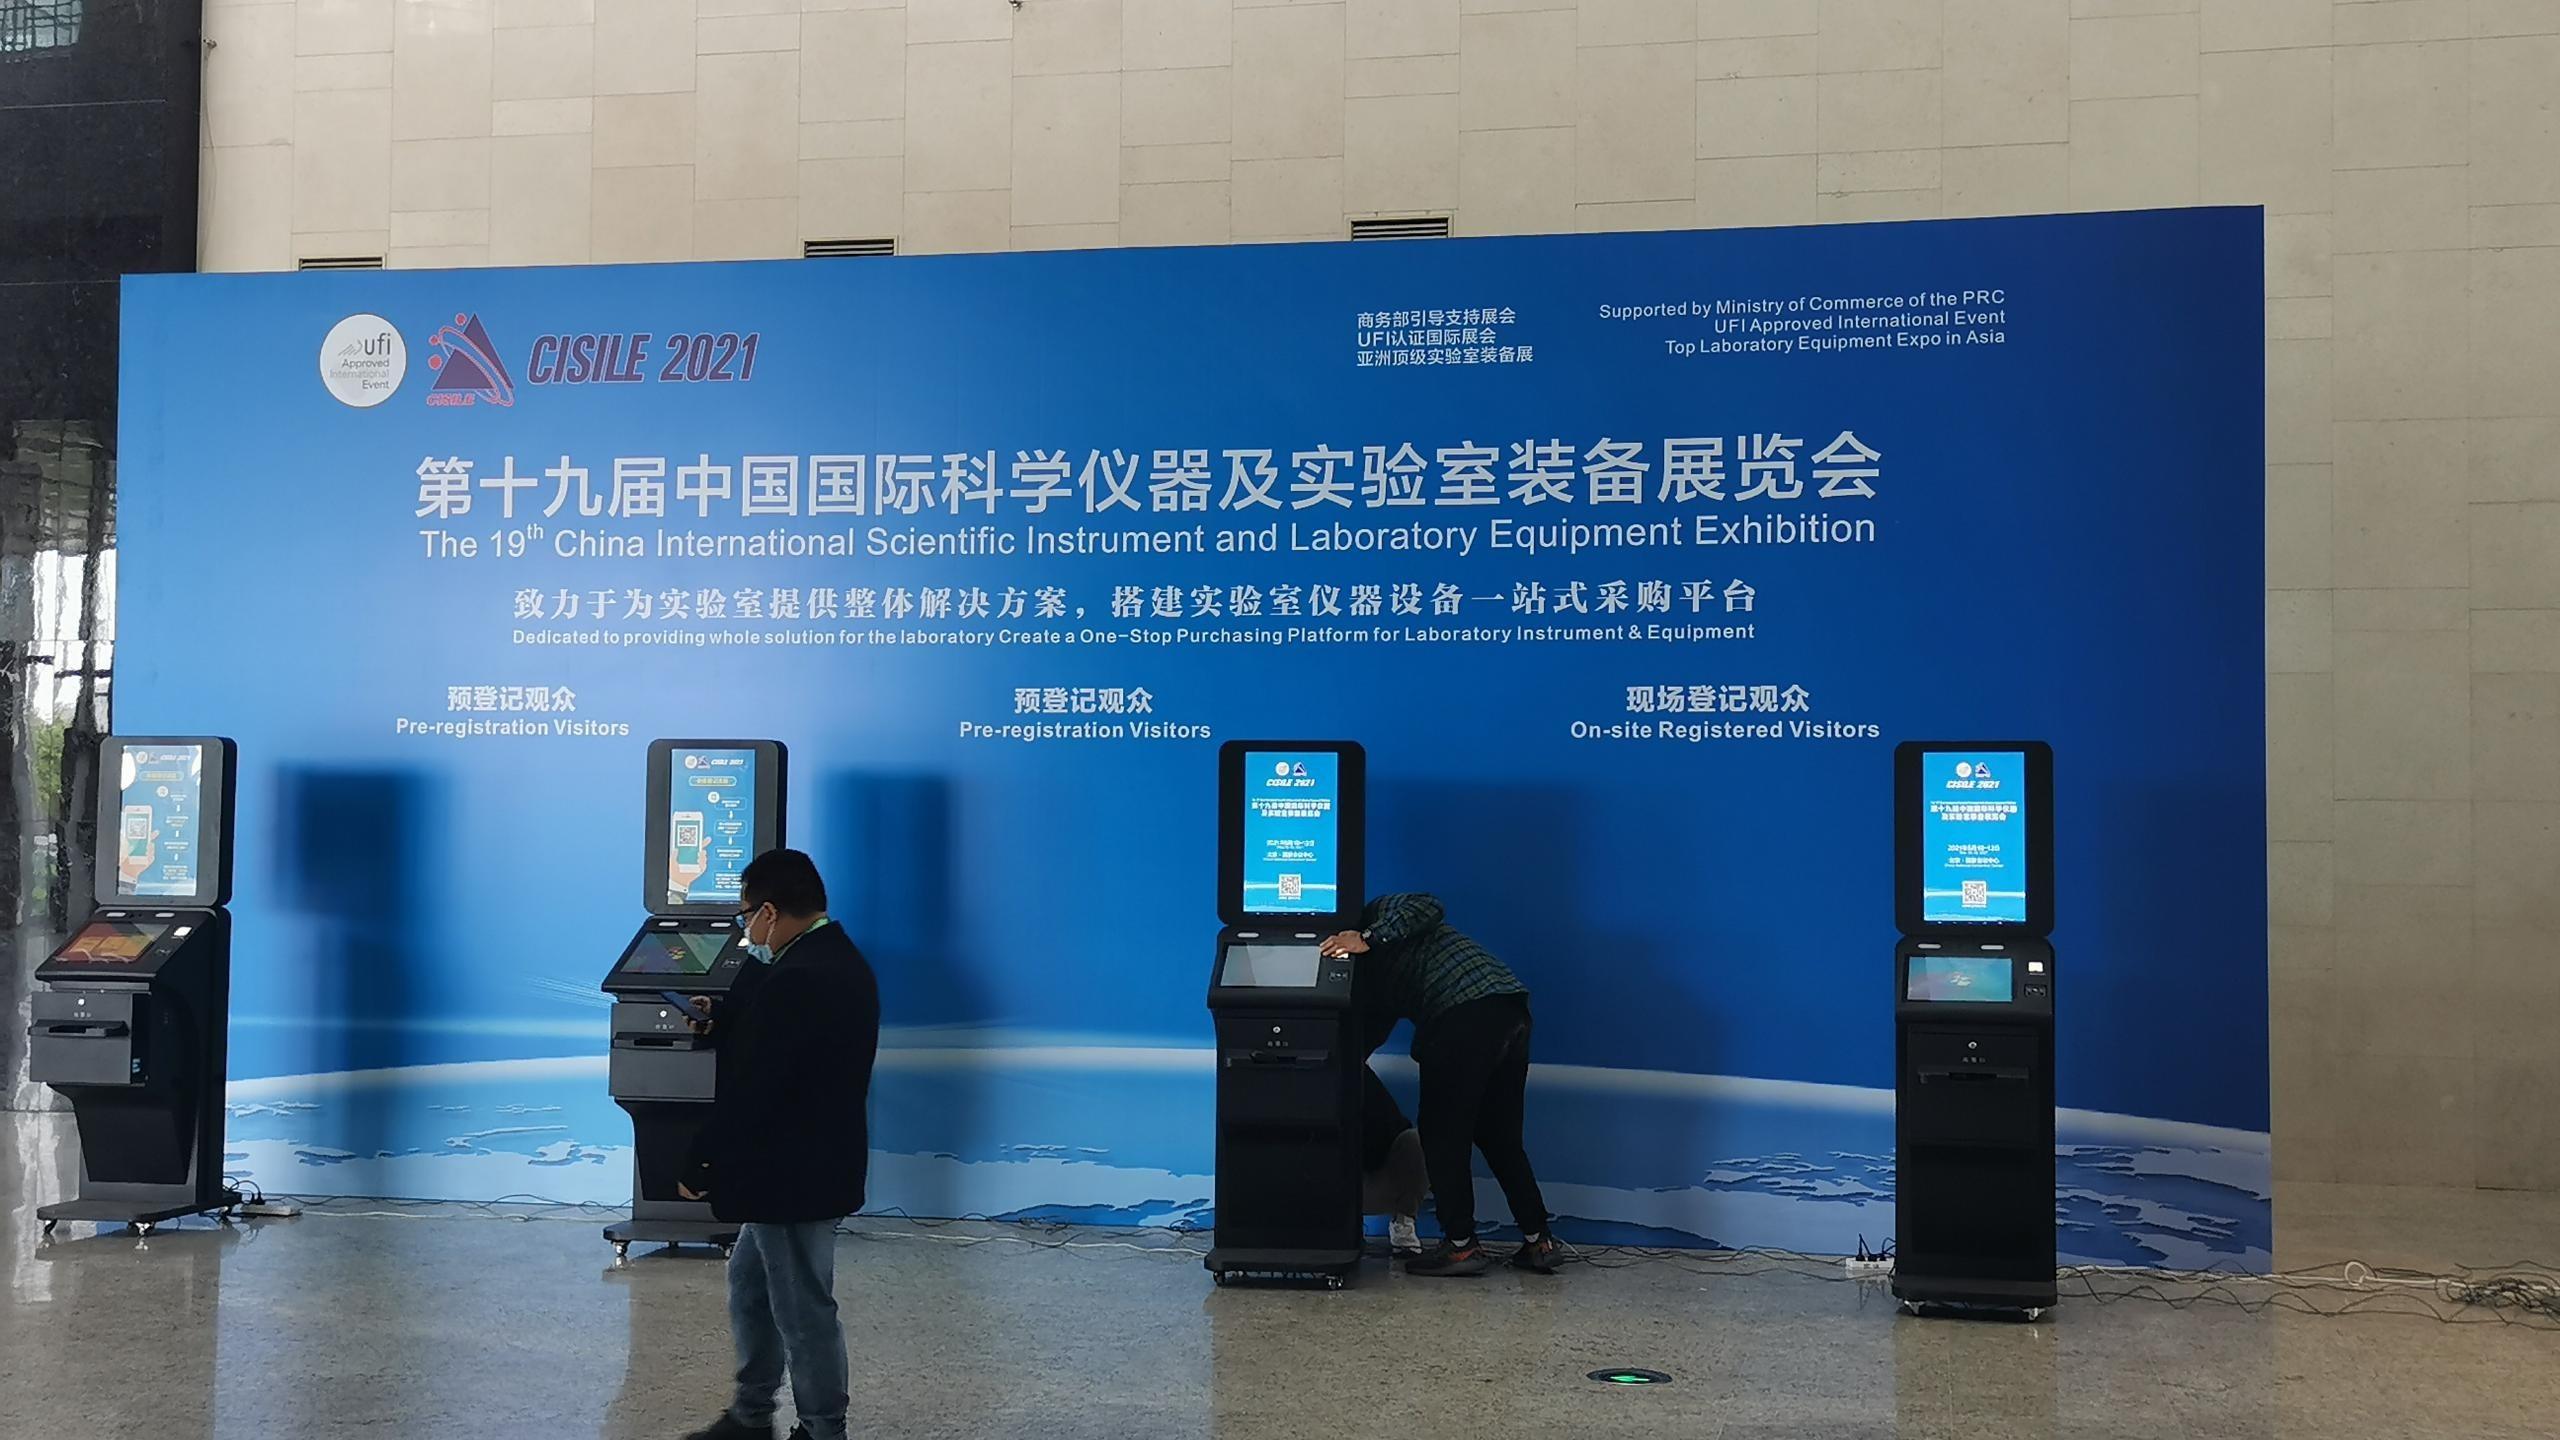 {长沙米淇}北京行-中国国际科学仪器及实验室装备展览会